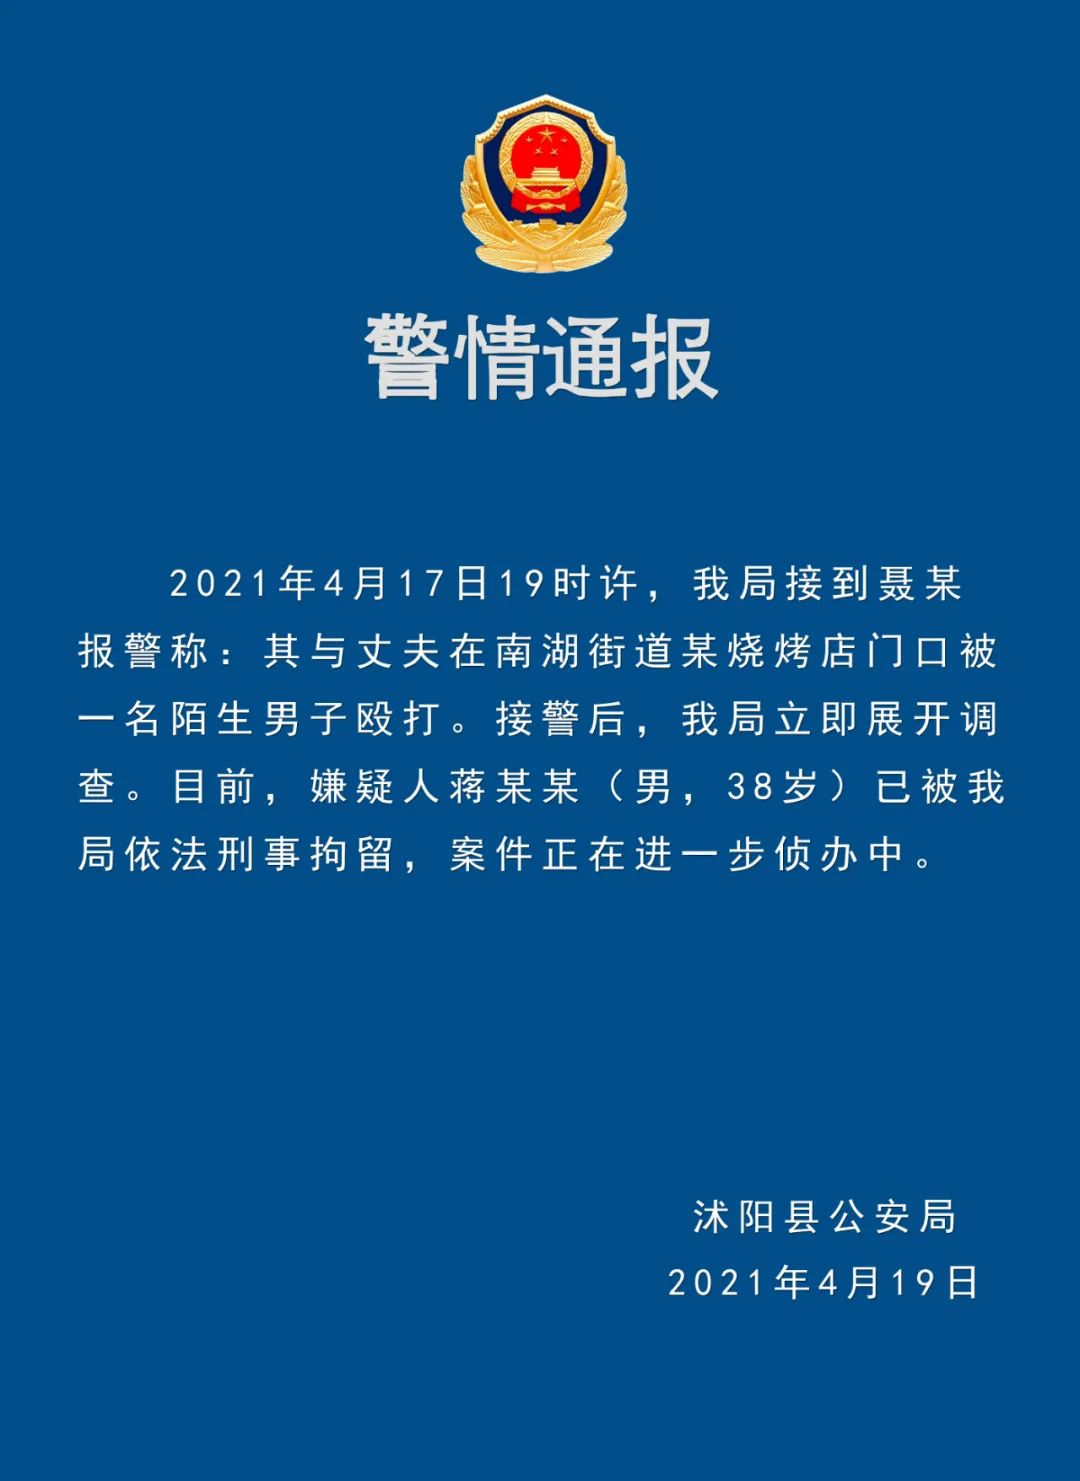 沭阳县公安局警情通报!